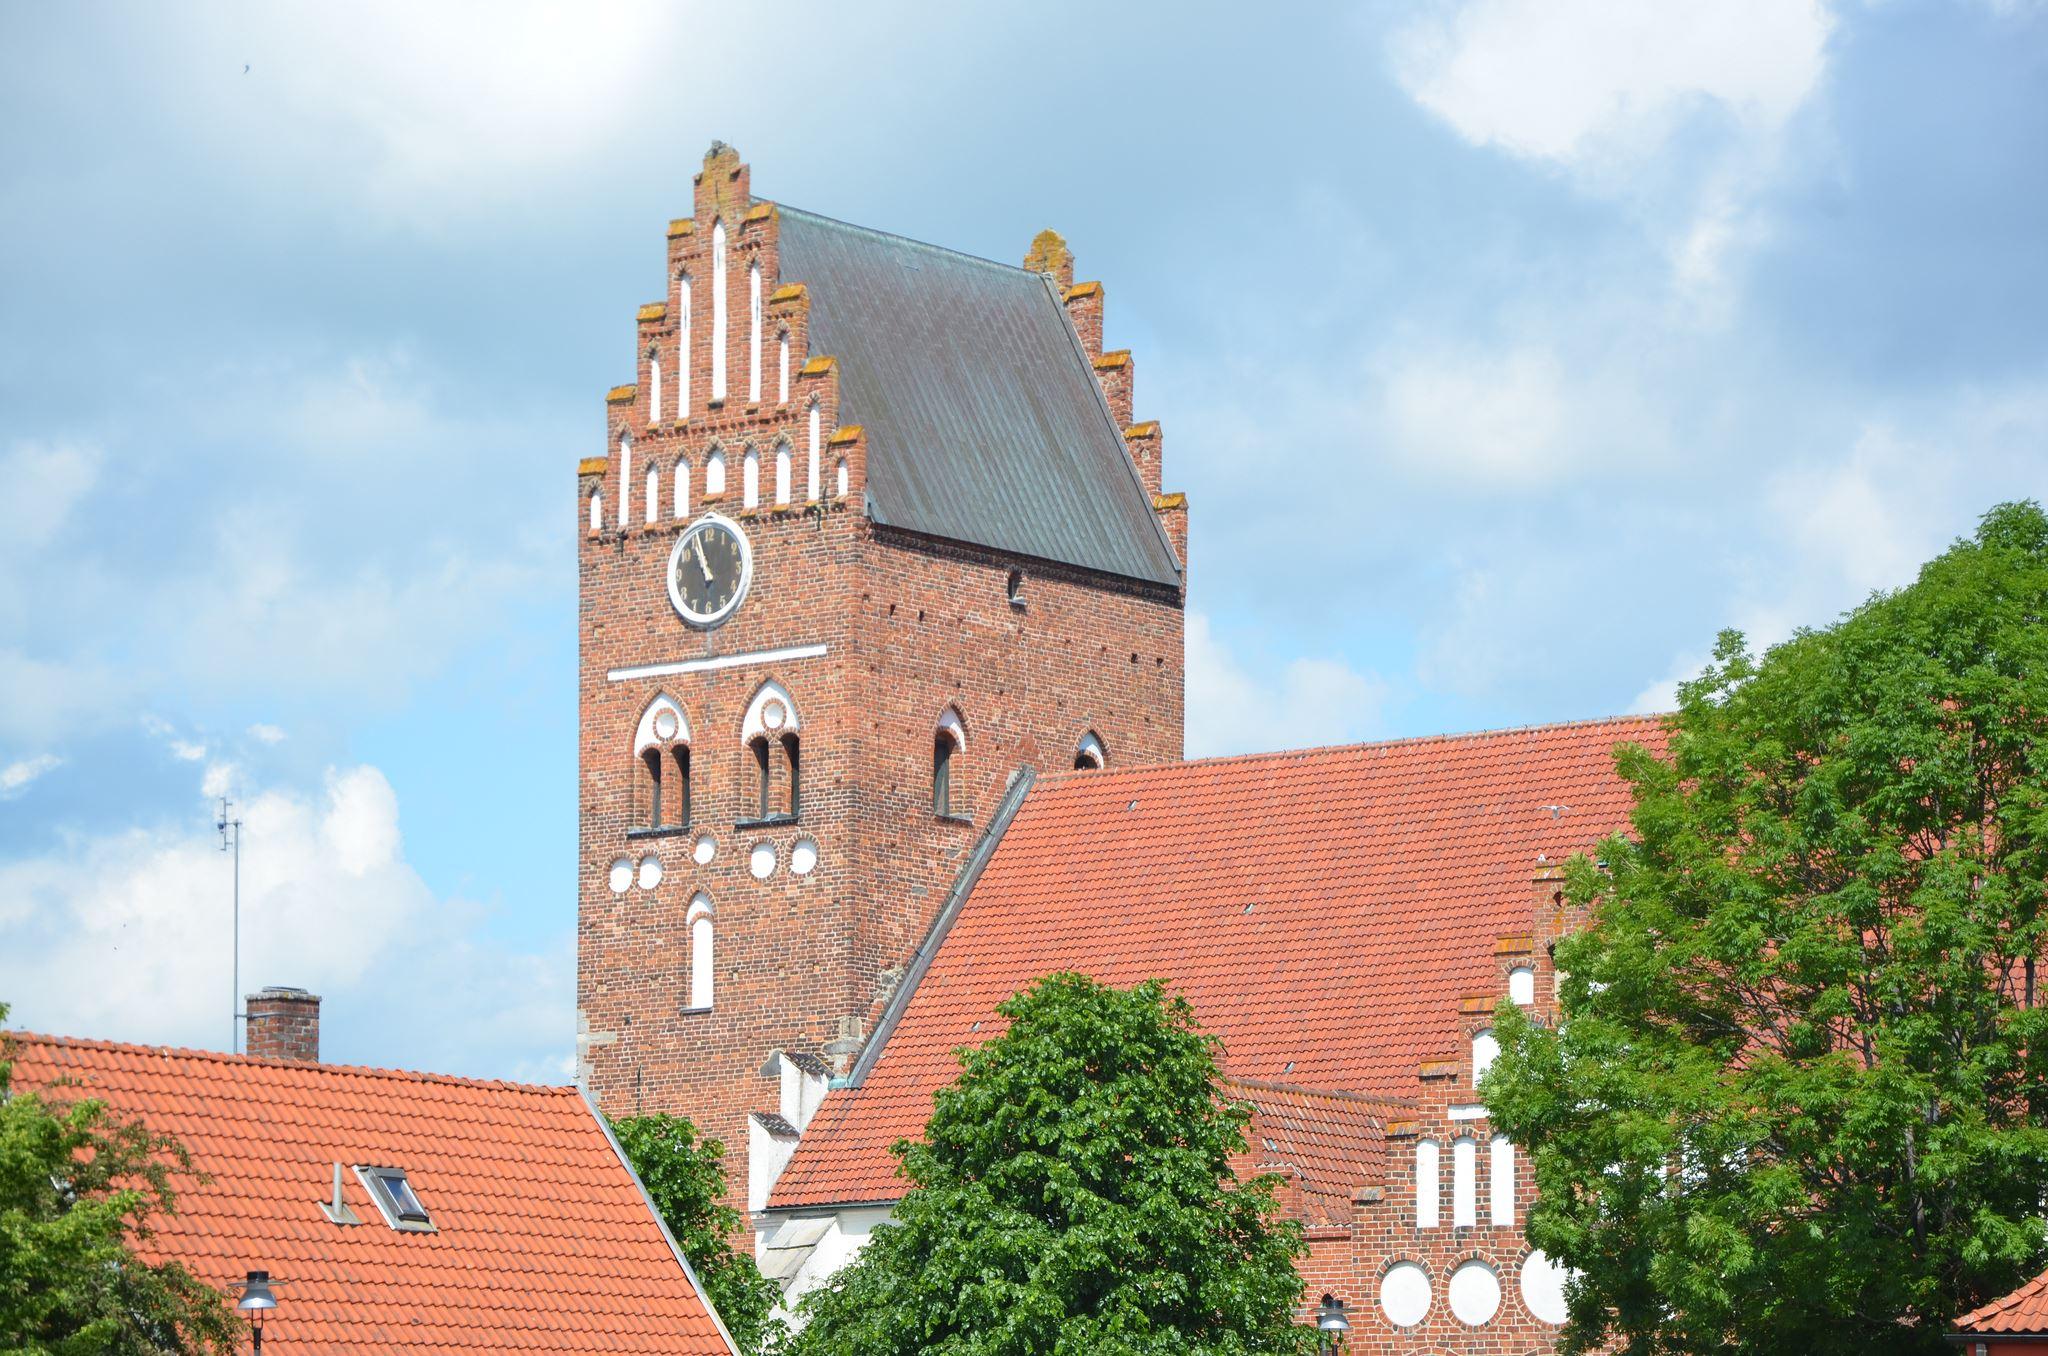 Foto: Kristianstads kommun/Cecilia Sandén, S:ta Maria kyrka i Åhus